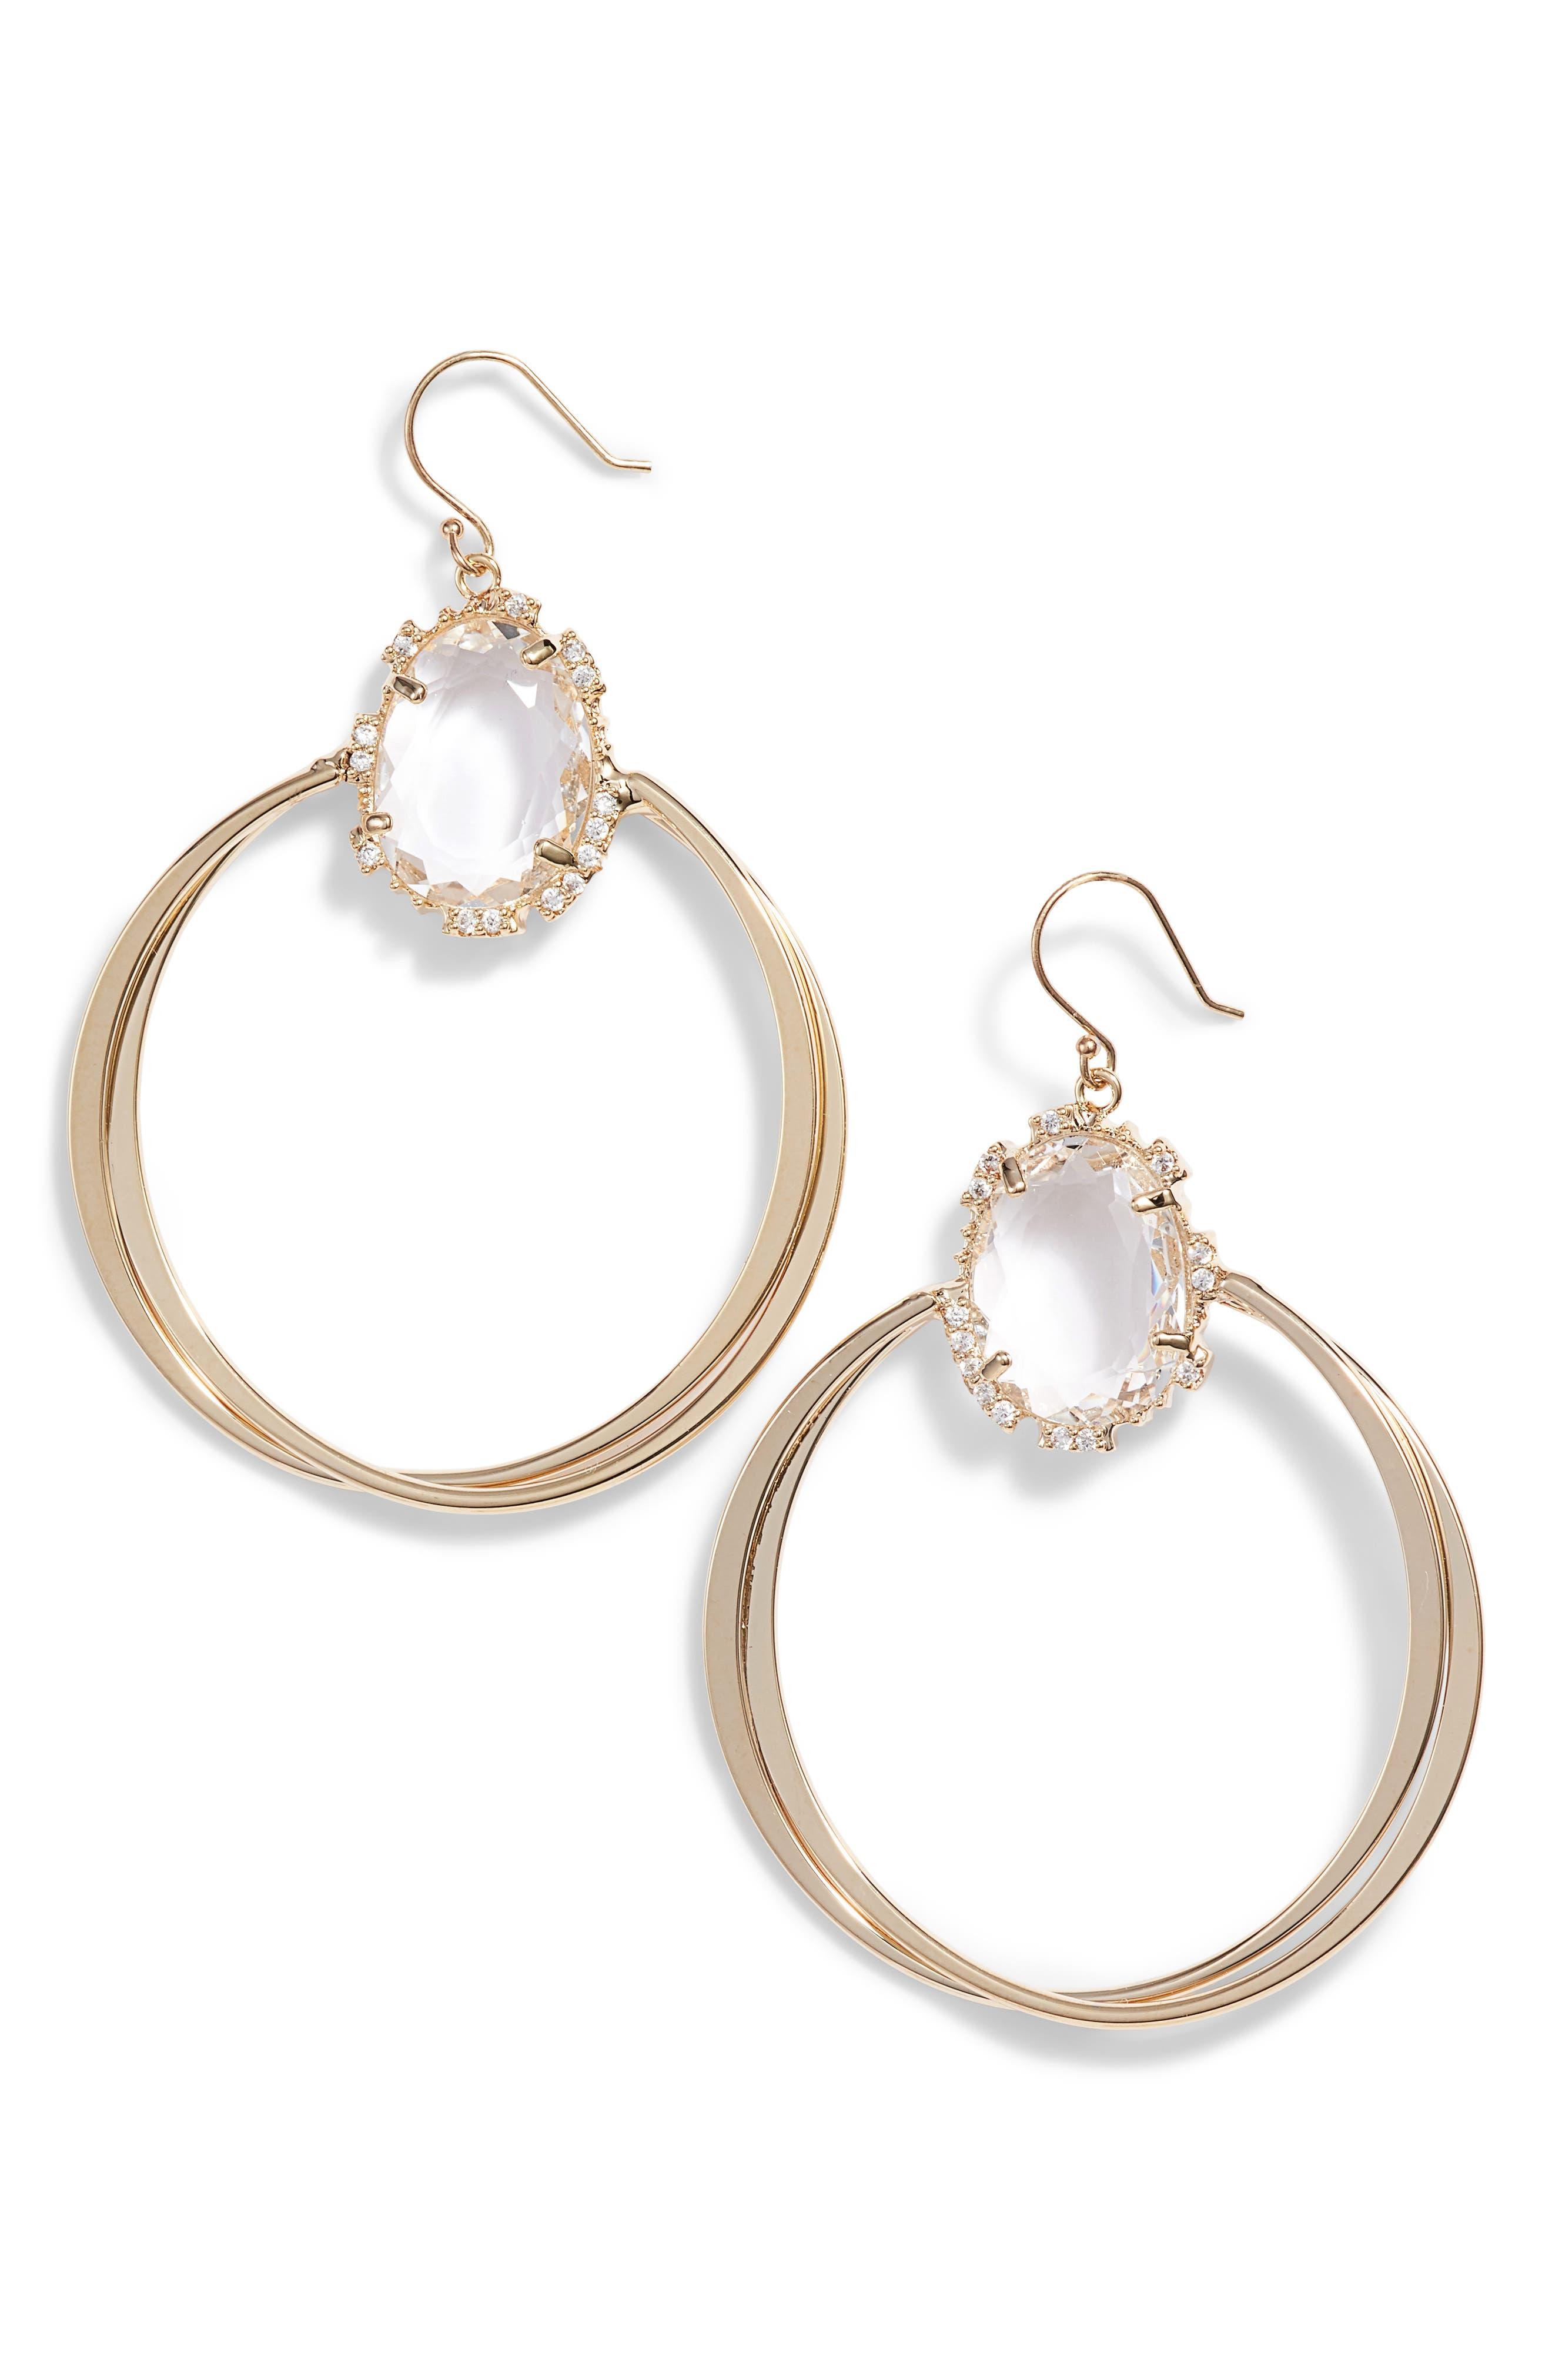 SEREFINA Crystal Hoop Earrings in Clear/ Gold